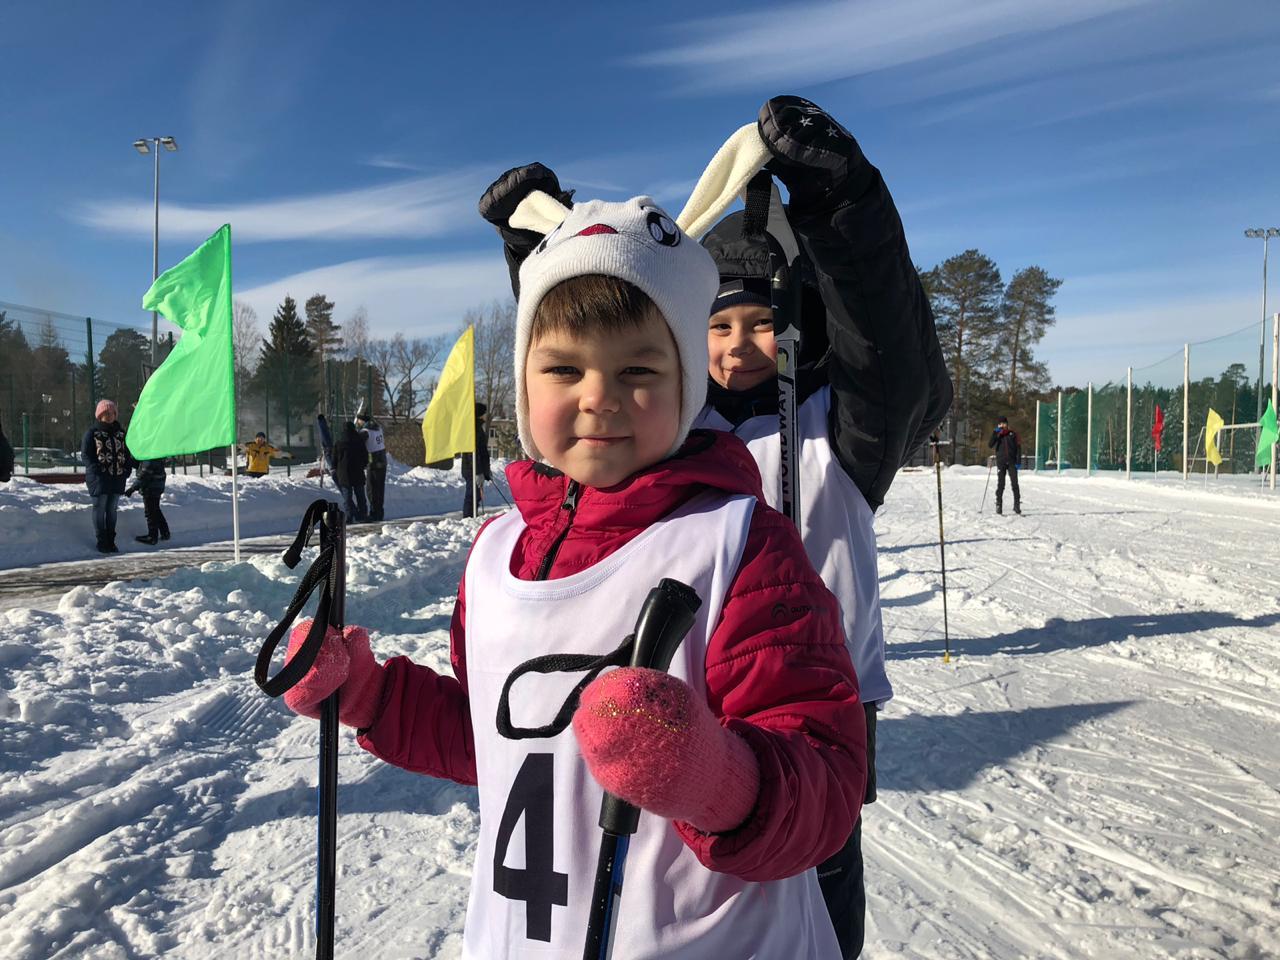 Соревнования «Кузнецовская лыжня»: о людях, победах и ускользающем зимнем солнце